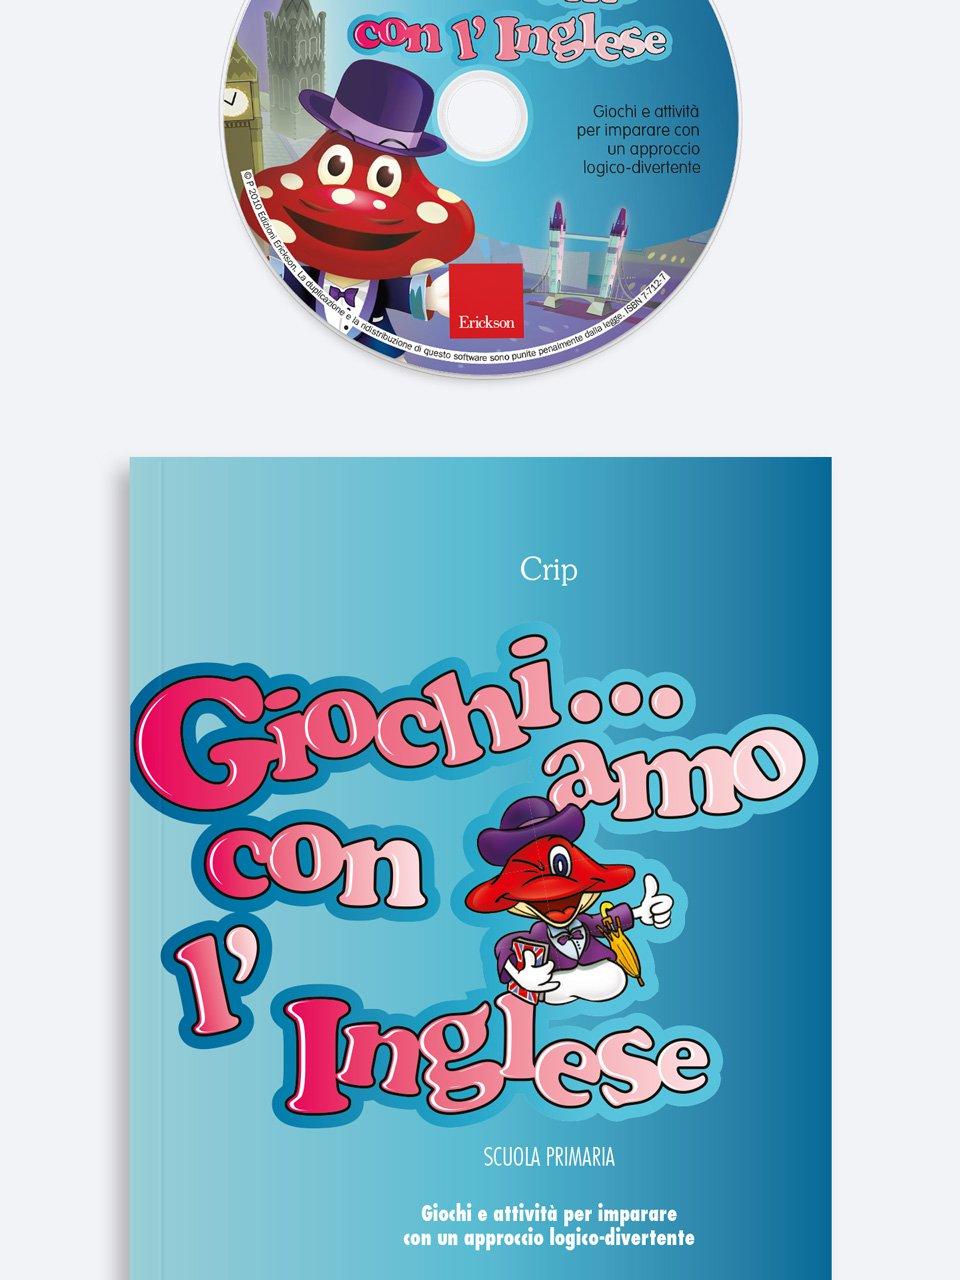 Giochi... amo con l'inglese - Scuola primaria - Schede per Tablotto (Età 8+) - Play and Learn with - Giochi - Erickson 3